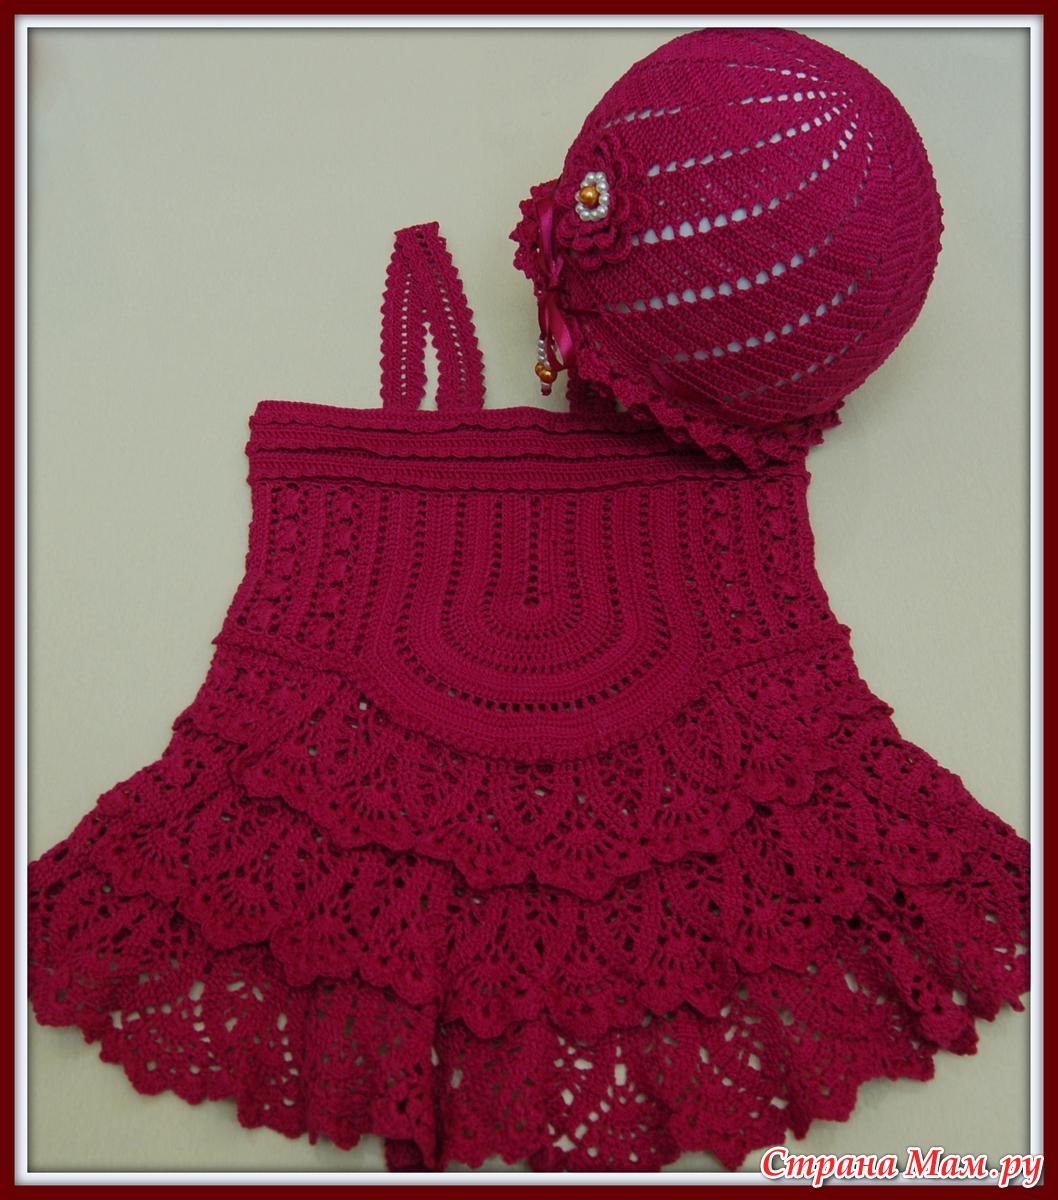 Страна мам вязание крючком топика для девочки